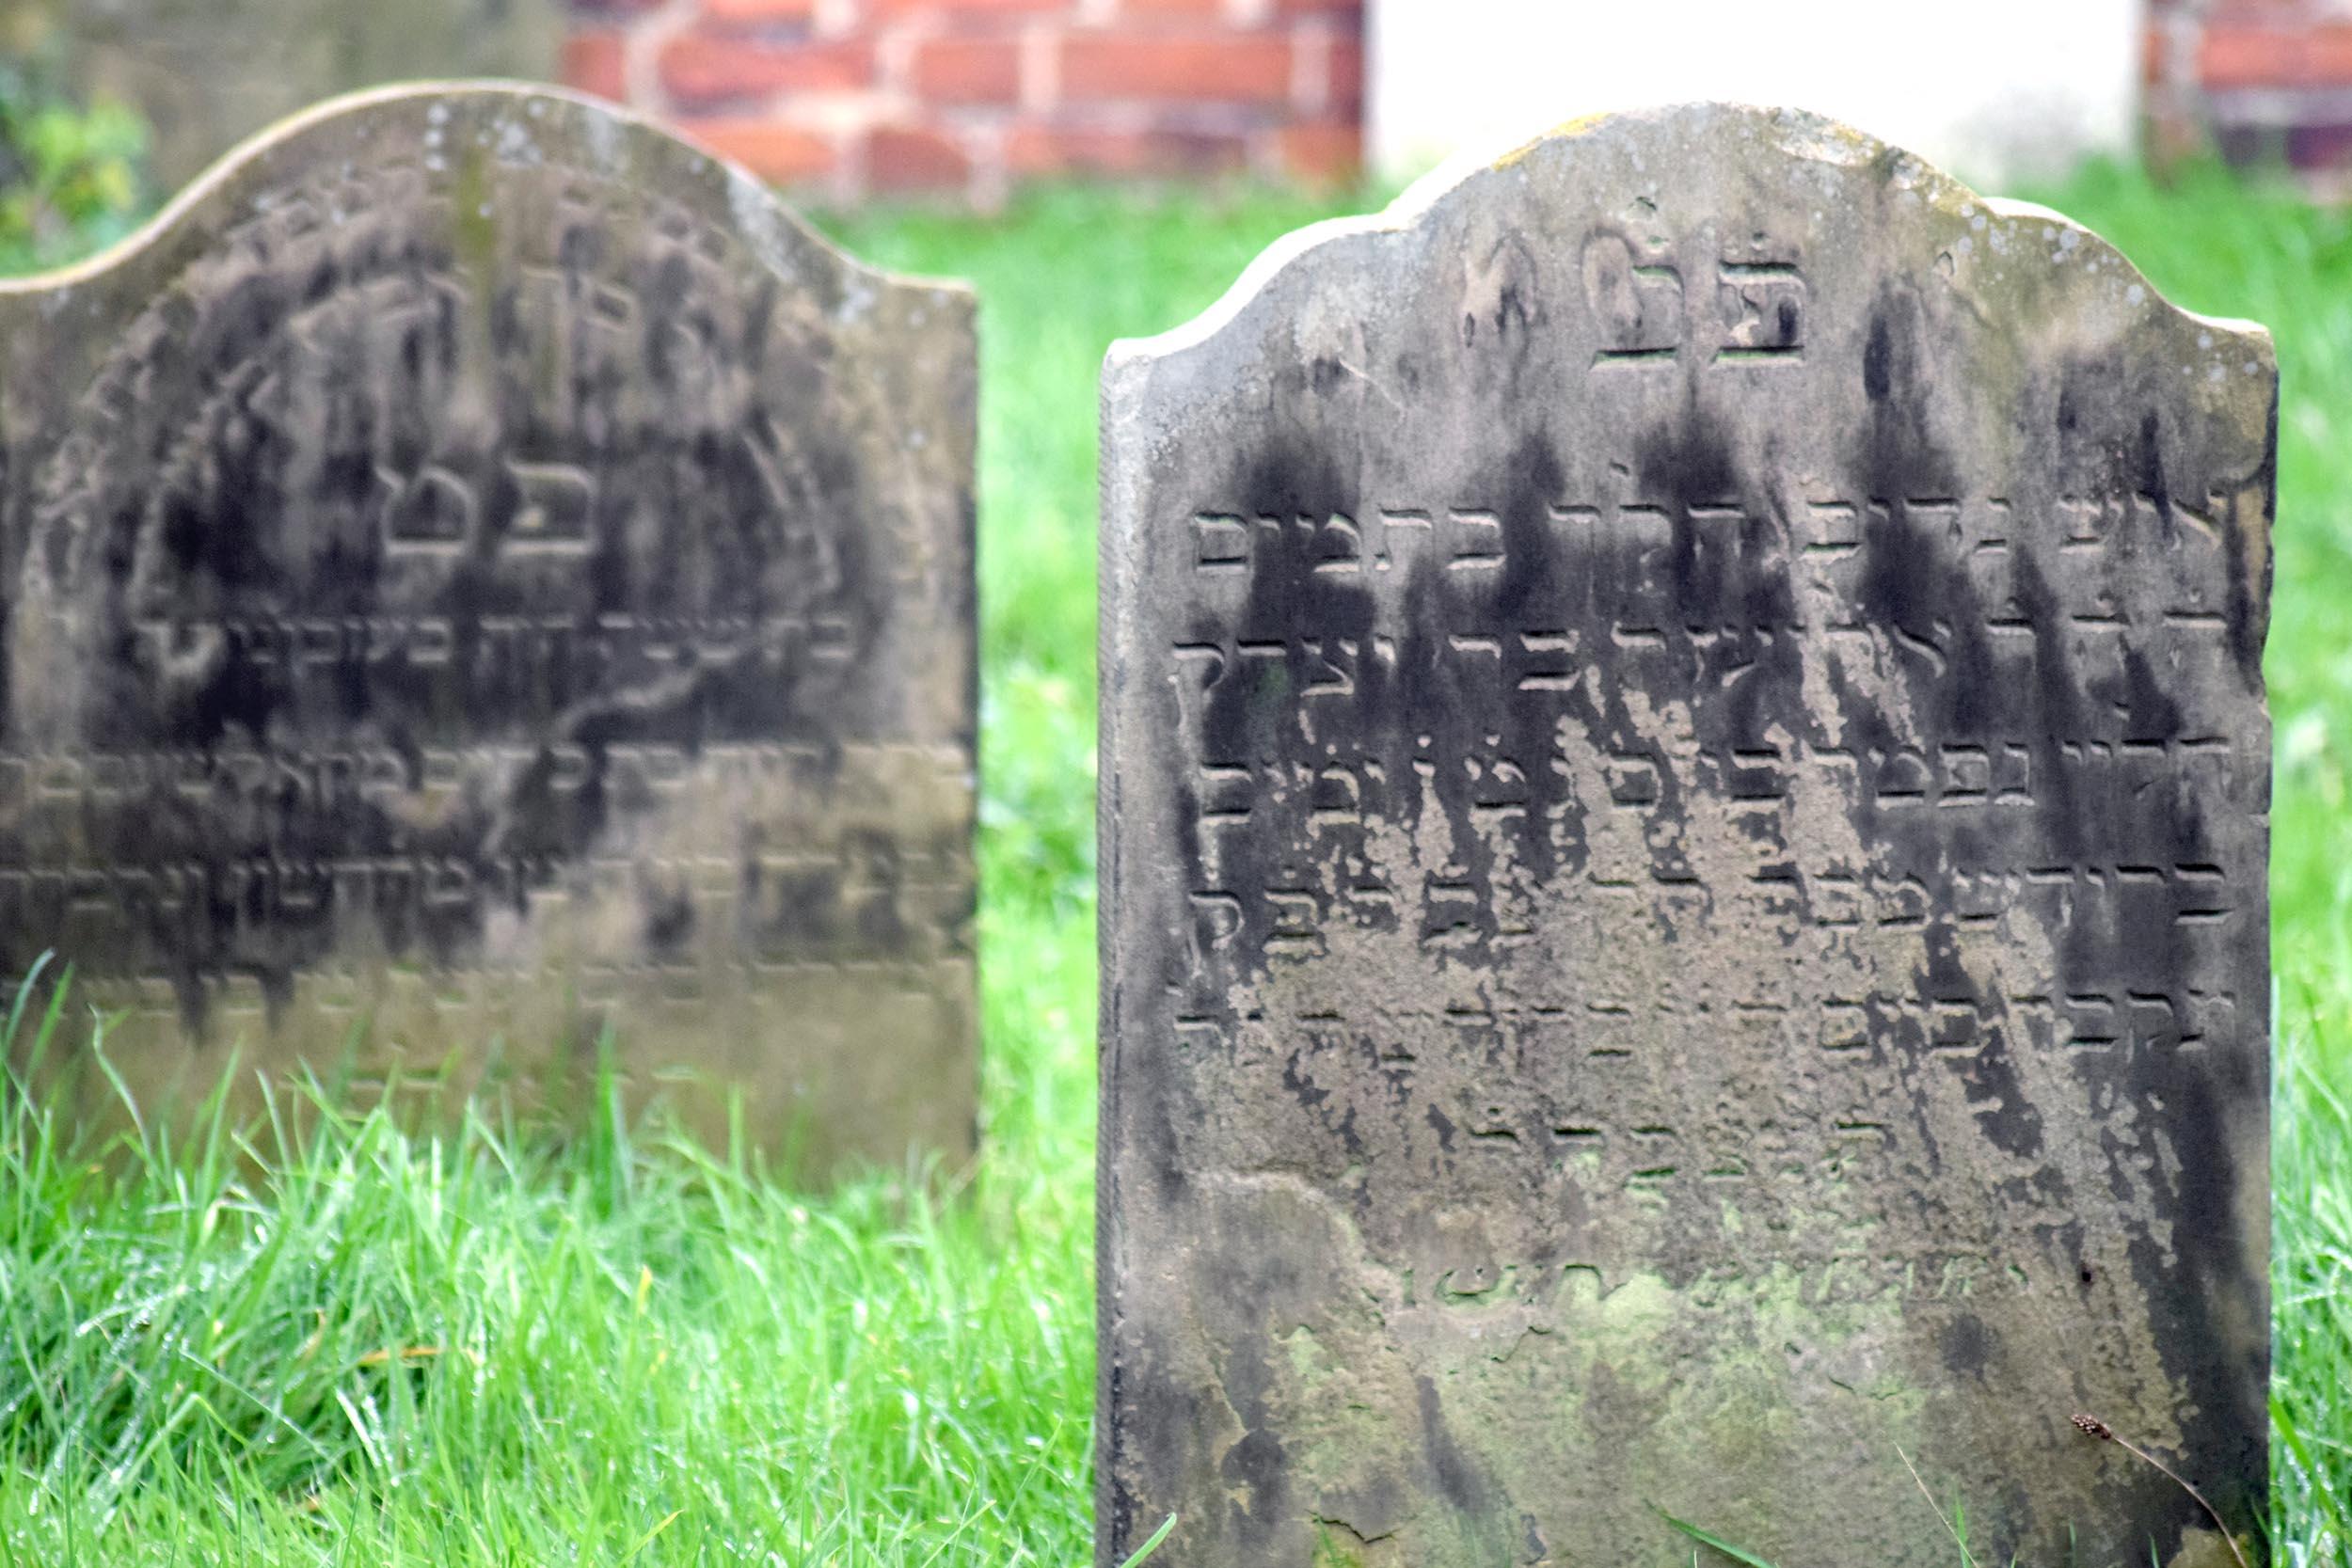 Jews Burial Ground Ipswich UK 12 Two Gravestones